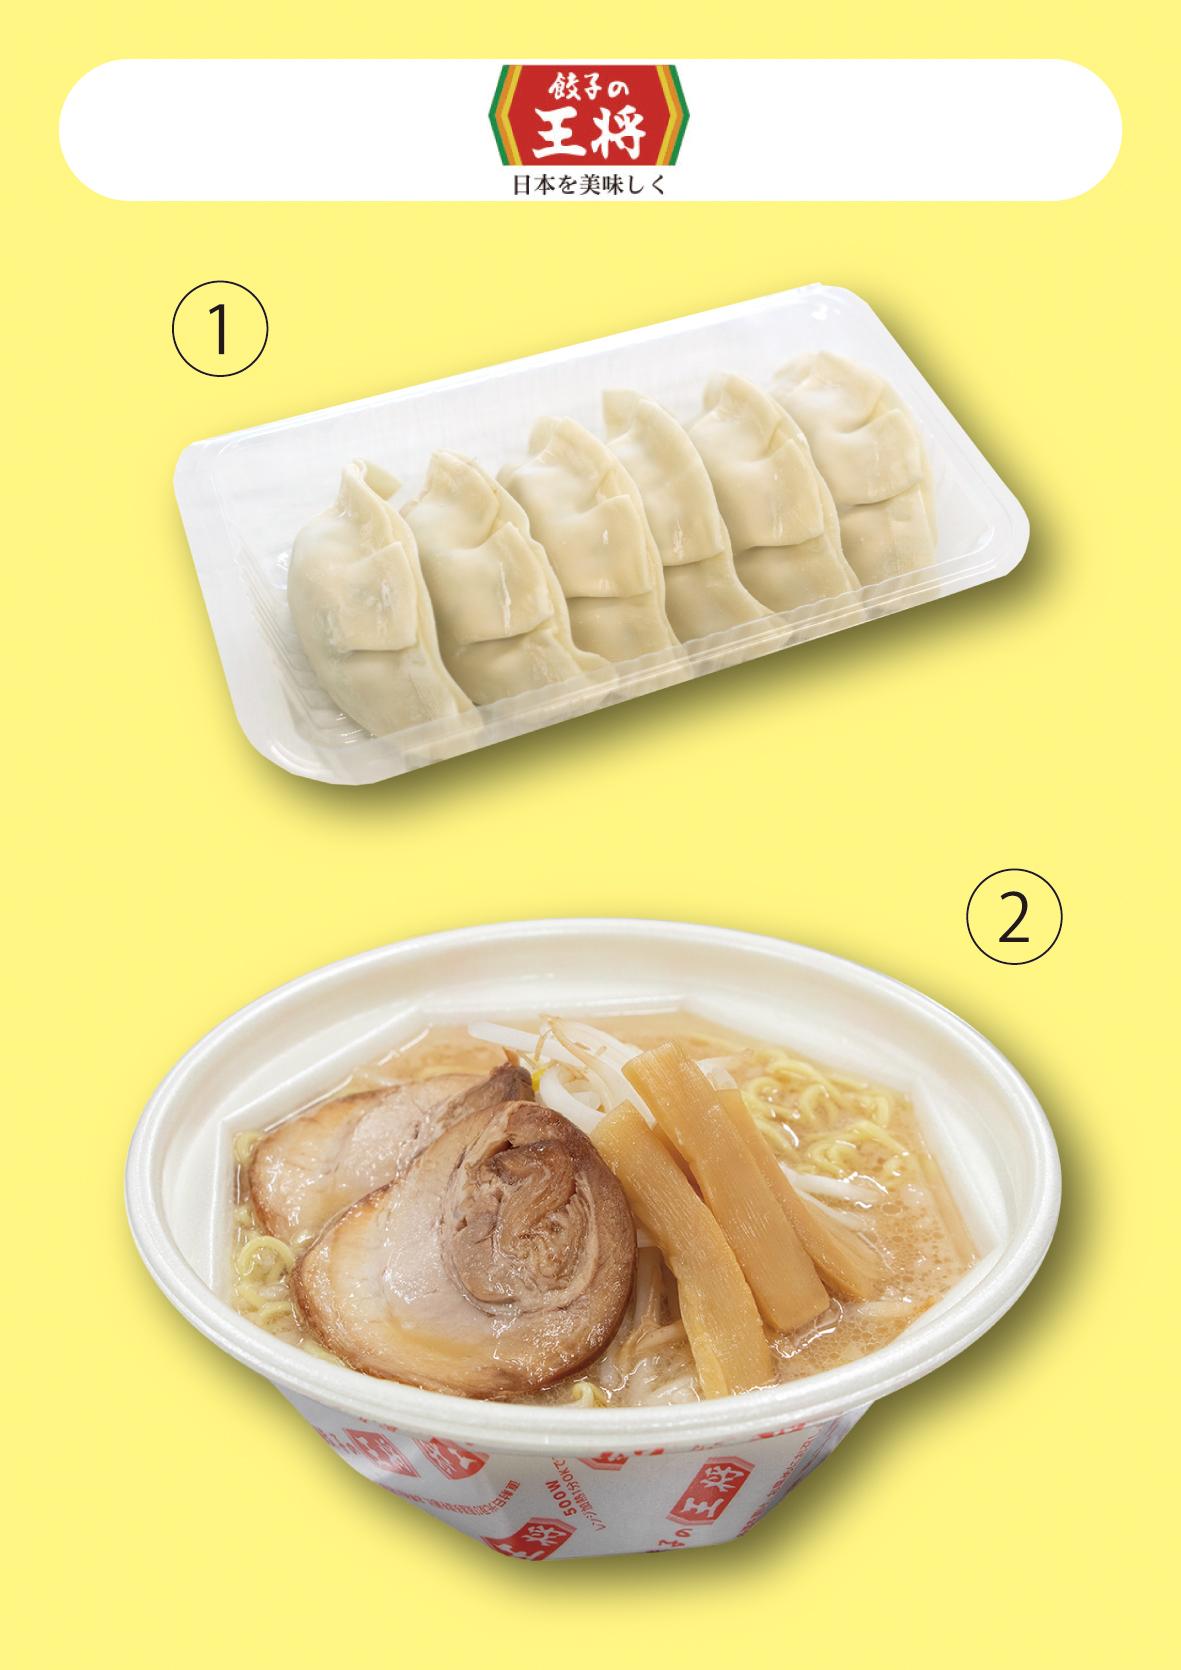 ①生餃子の画像